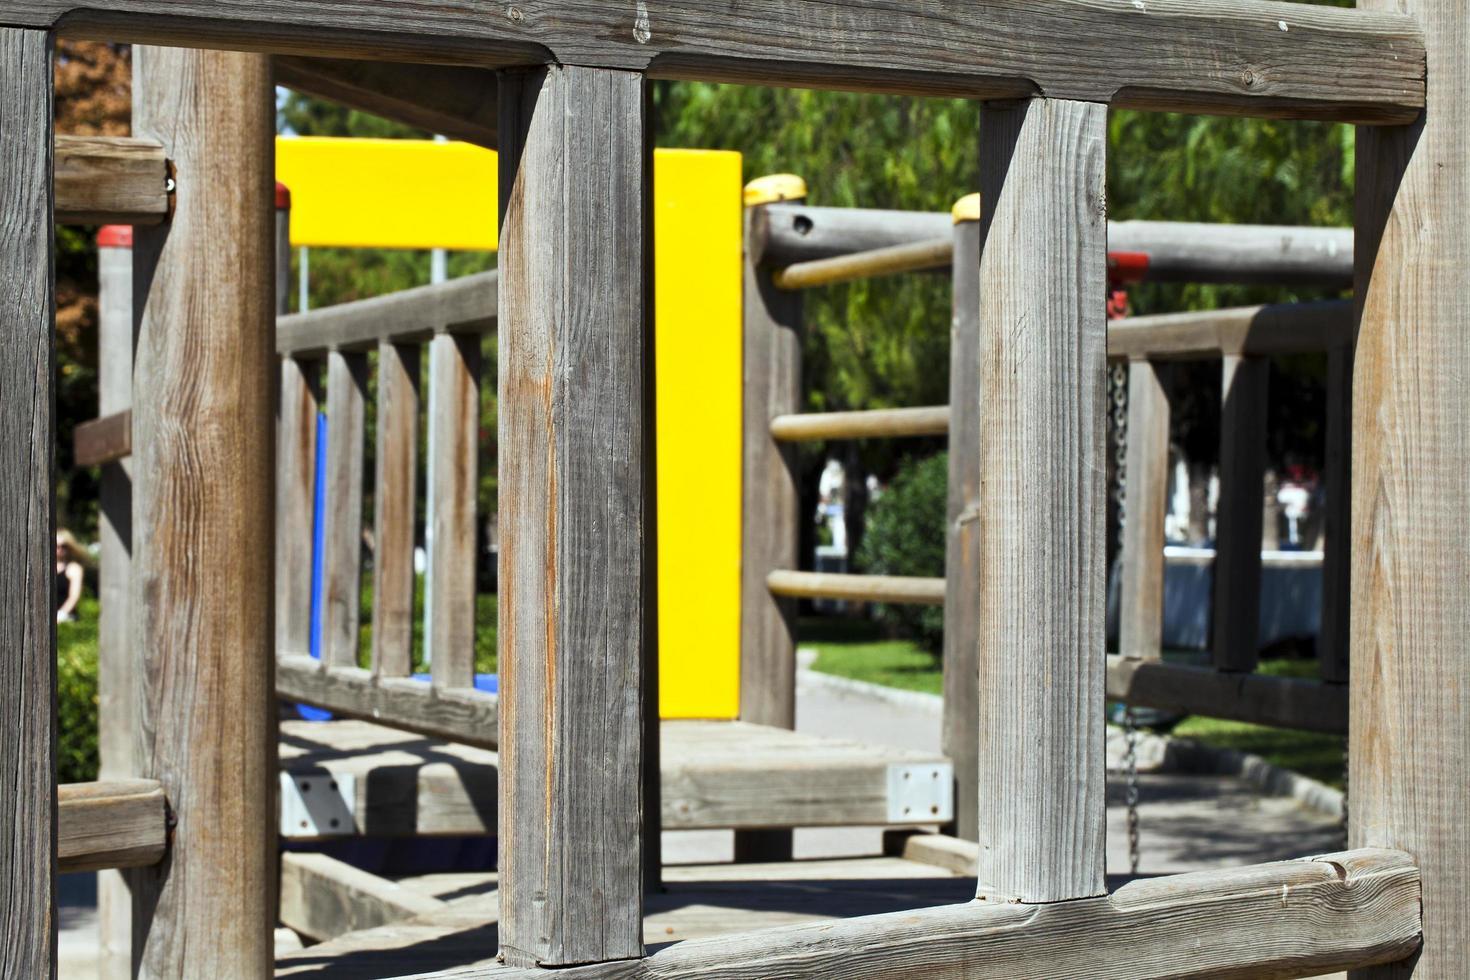 parque infantil al aire libre para divertirse foto